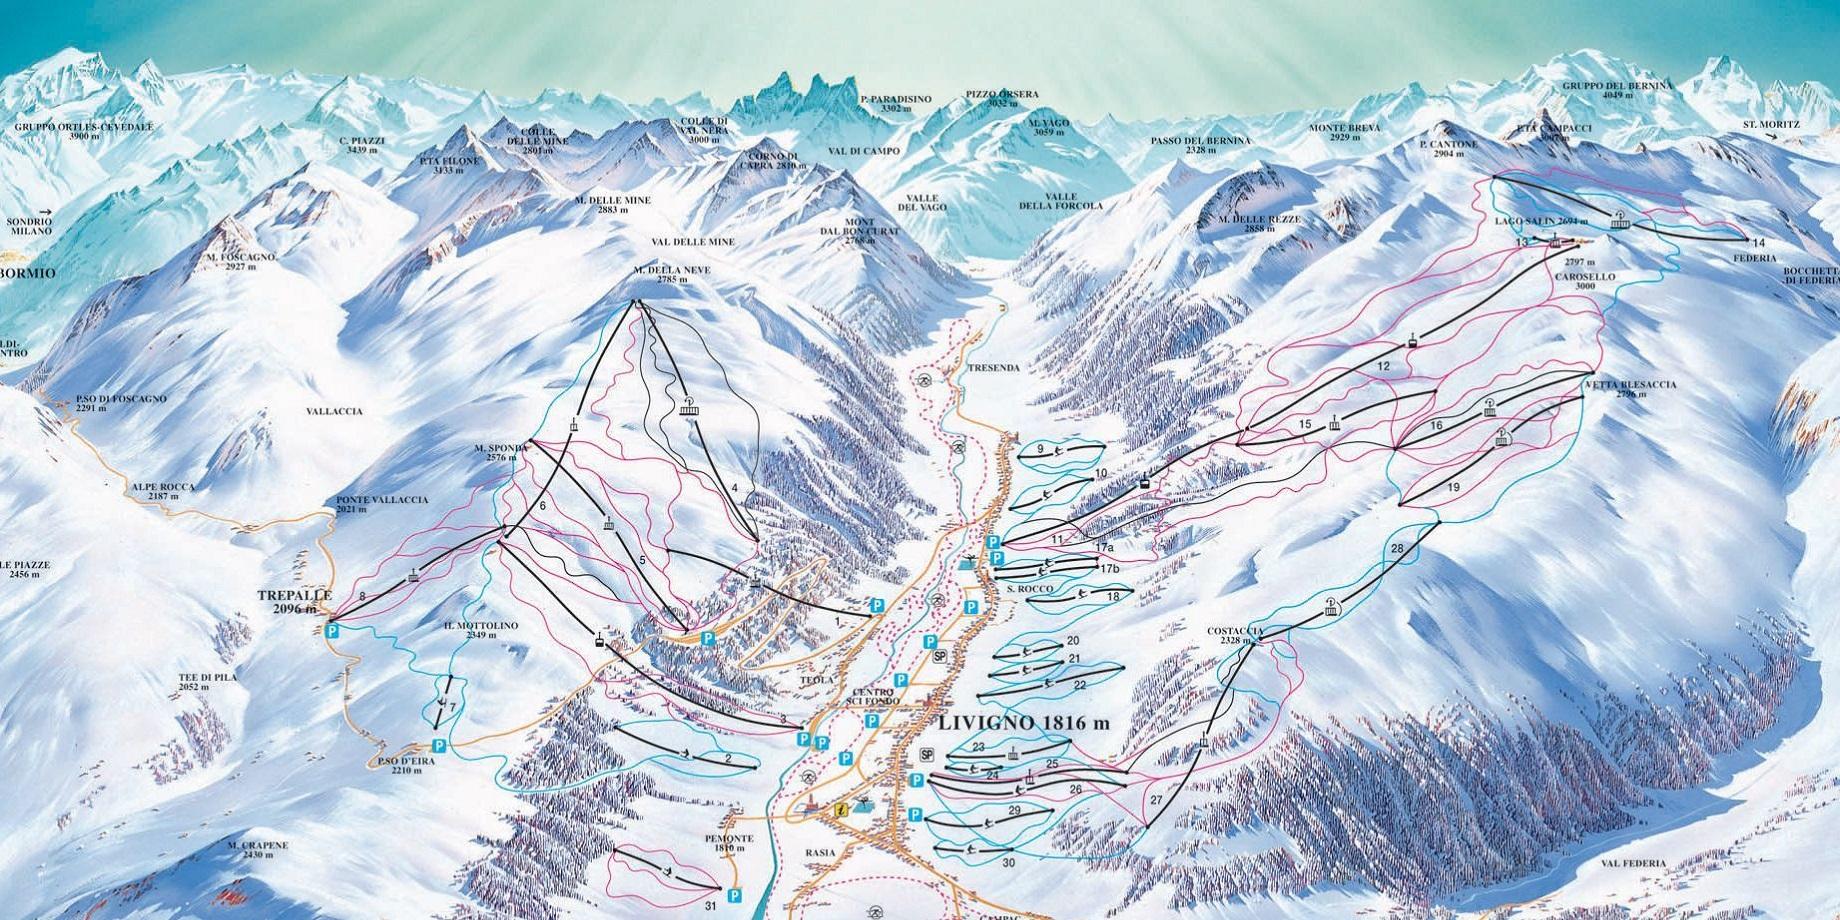 Карта трасс в Ливиньо